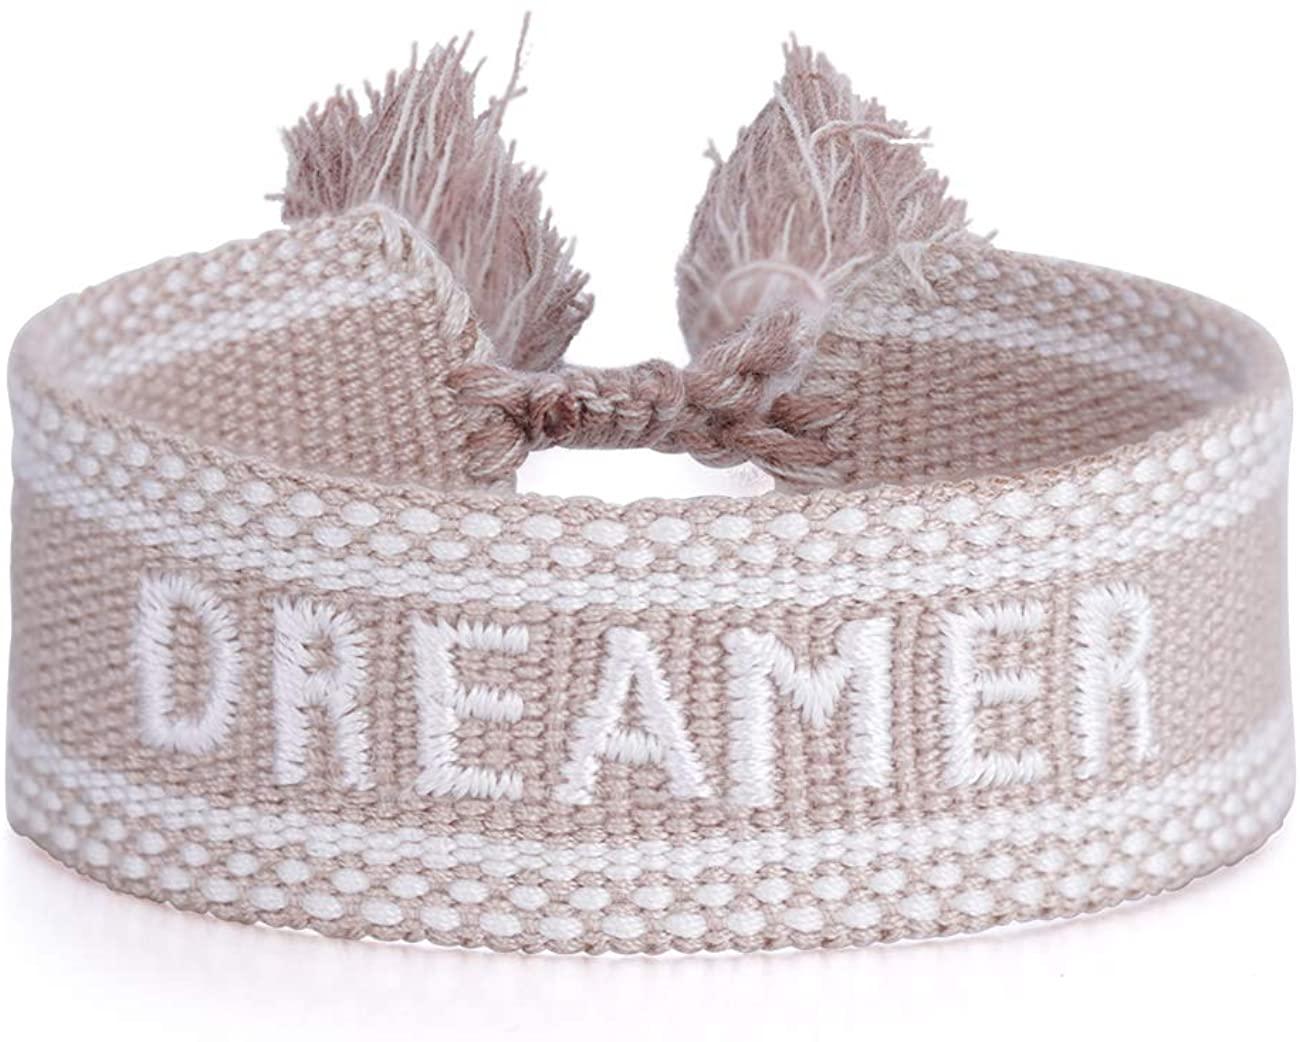 ASTOFLI Woven Friendship Wrap Bracelet Knitted Word Lucky Bracelets Braided Geometric Pattern For Women For Men Unisex Gifts for Birthday Gift for Her